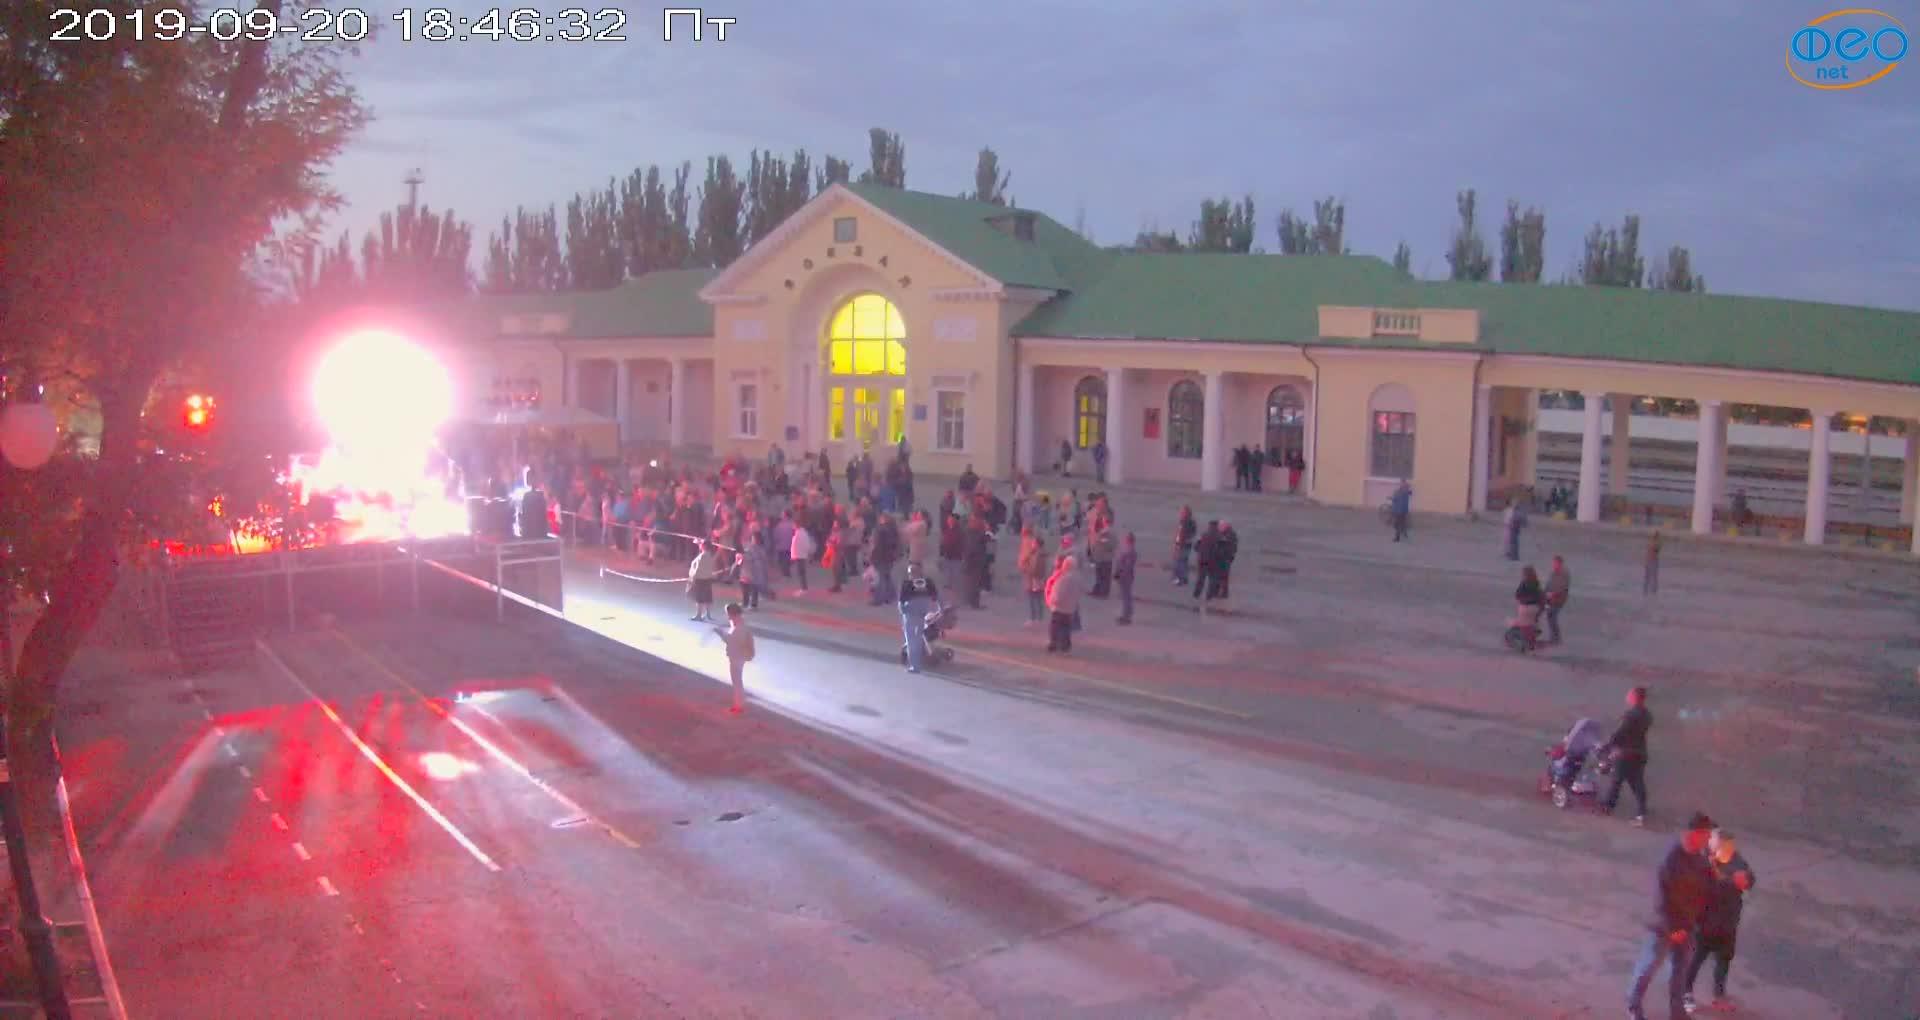 Веб-камеры Феодосии, Привокзальная площадь, 2019-09-20 19:03:07